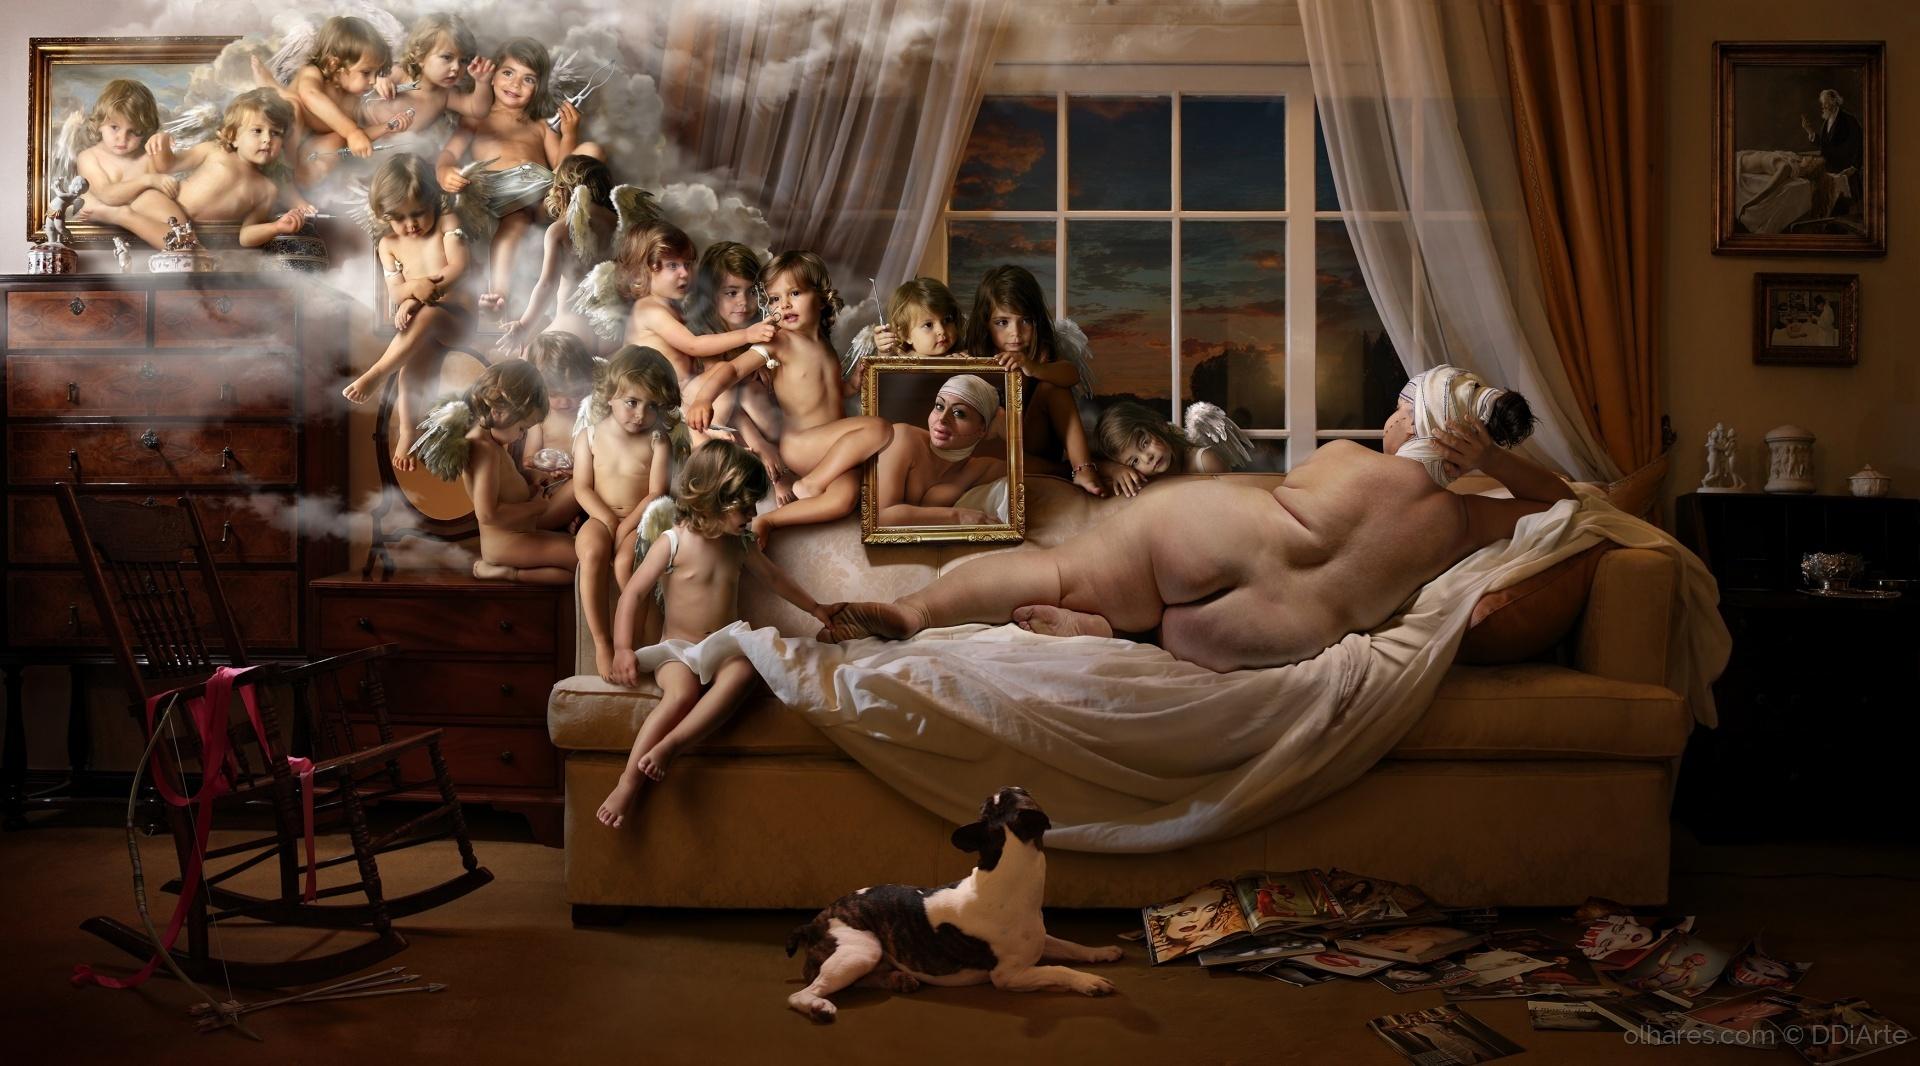 Nus/A Venus do Espelho